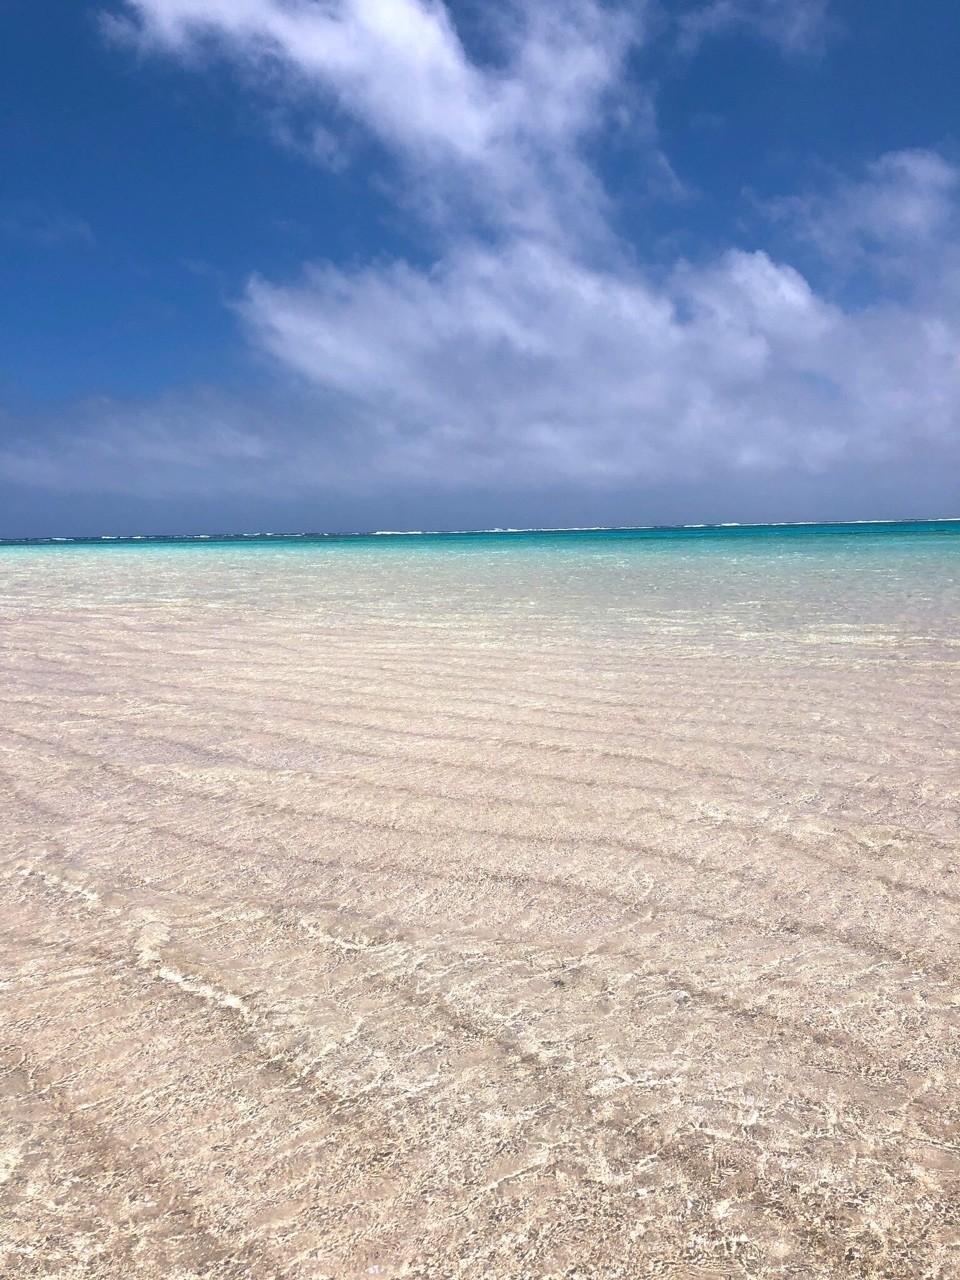 鹿児島県の離島、与論島へ行ってきました。目当ては「幻の浜」と呼ばれる〝百合が浜〟 今回は、初めてのレンタル水中カメラについてレポ📷